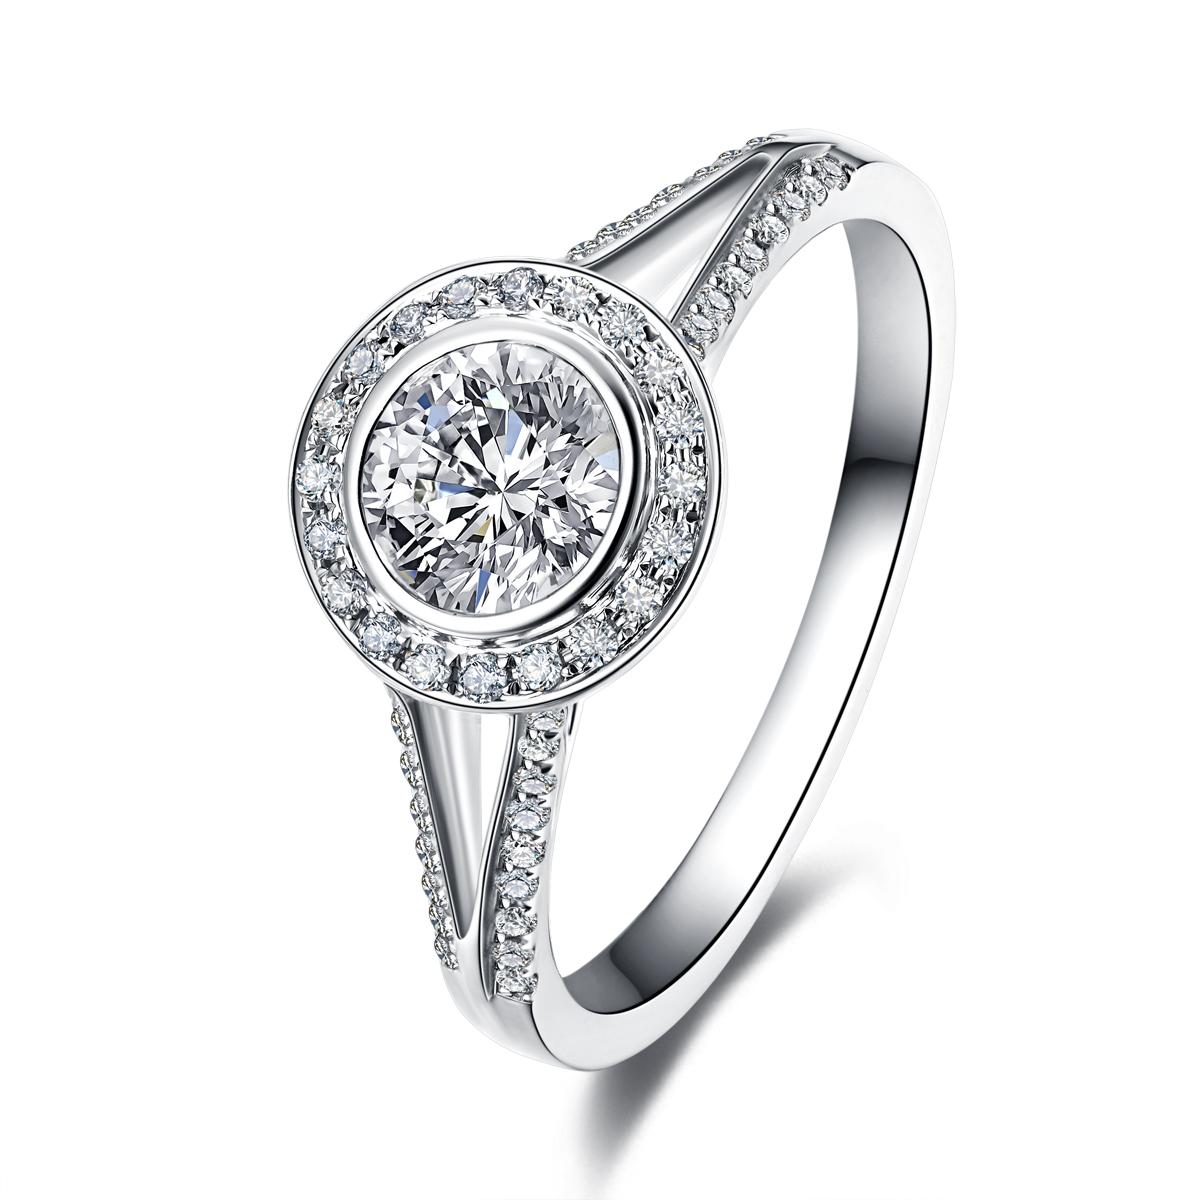 定制求婚戒指的注意事项